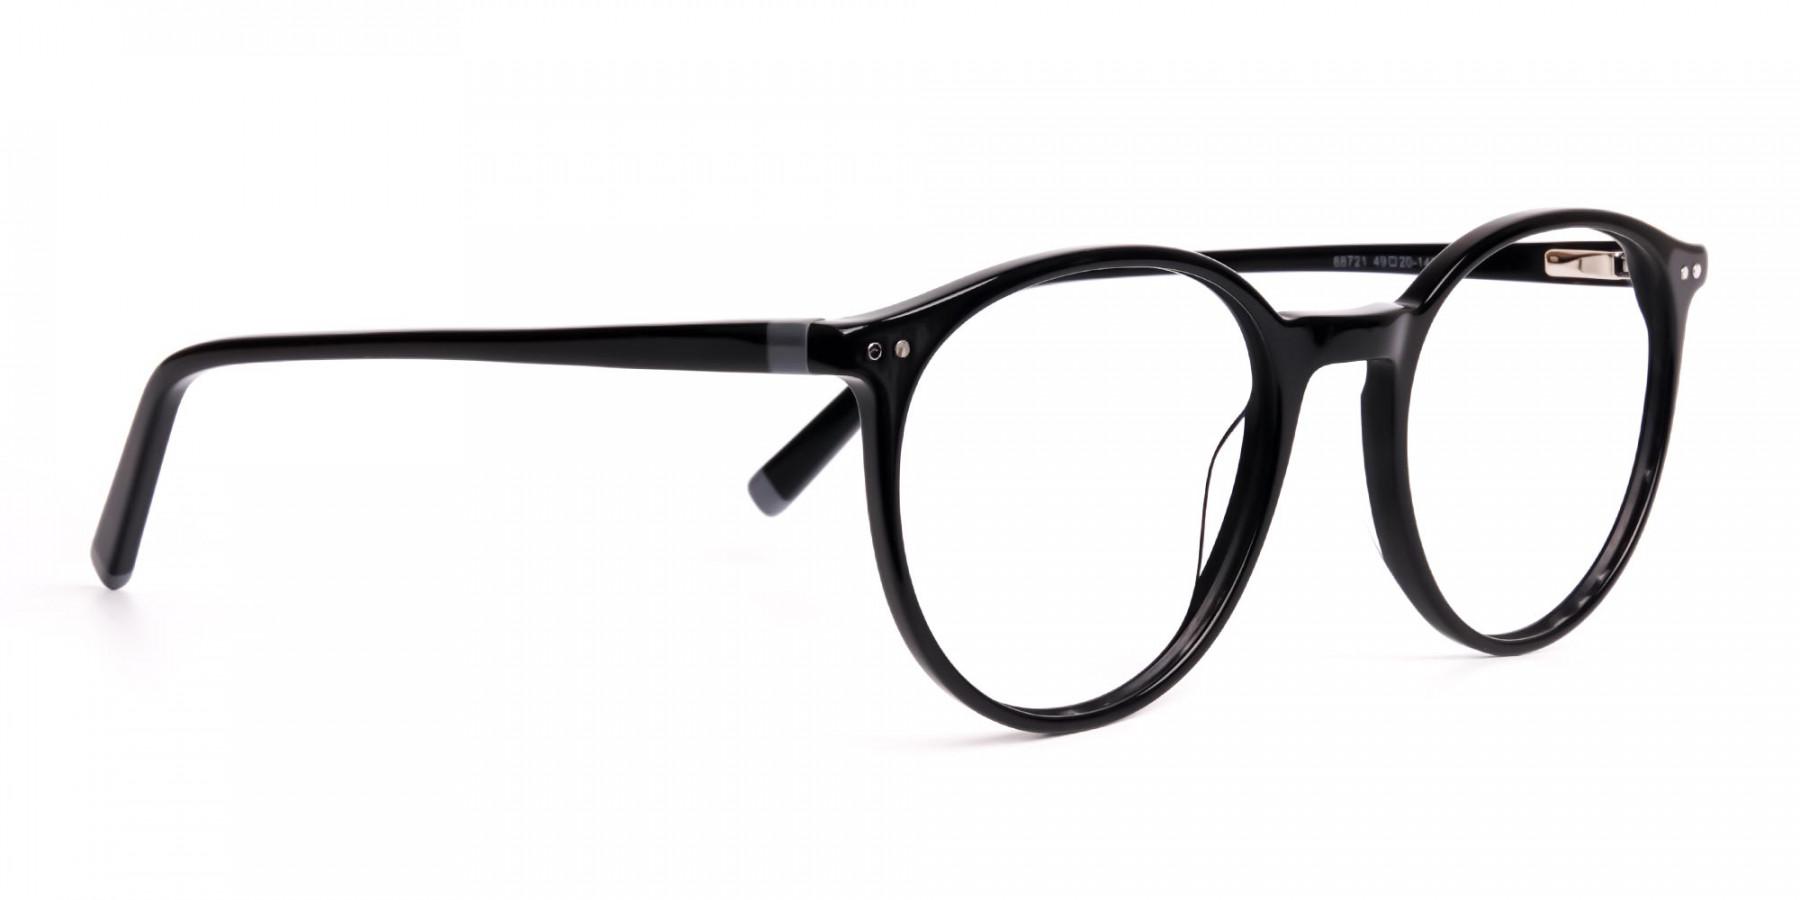 designer-and-trendy-black-round-glasses-frames-1